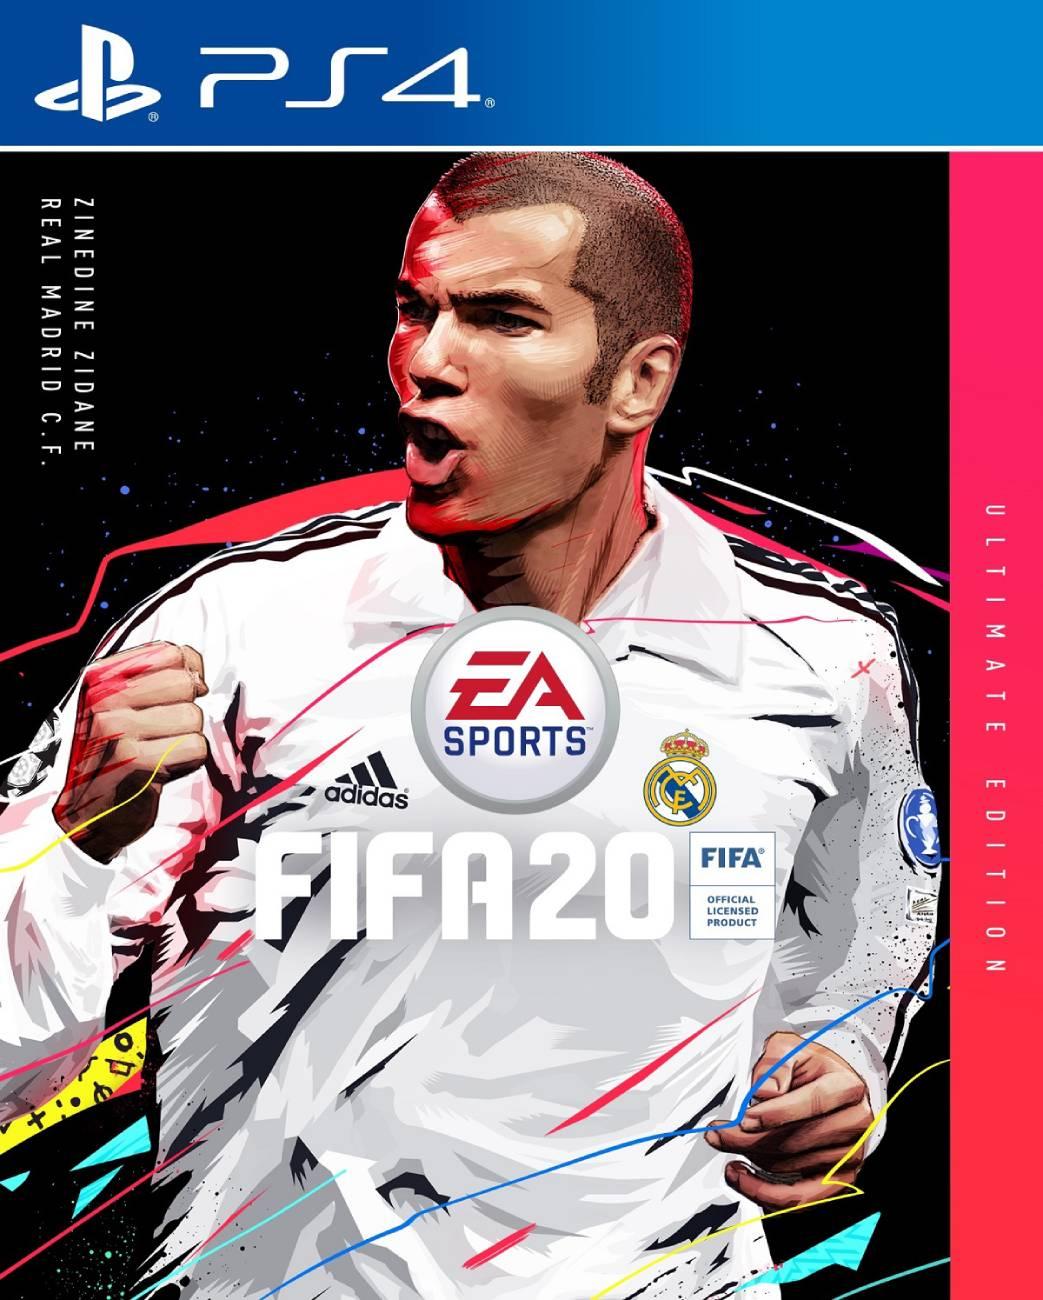 Zinedine Zidane wird Coverstar der Ultimate Edition